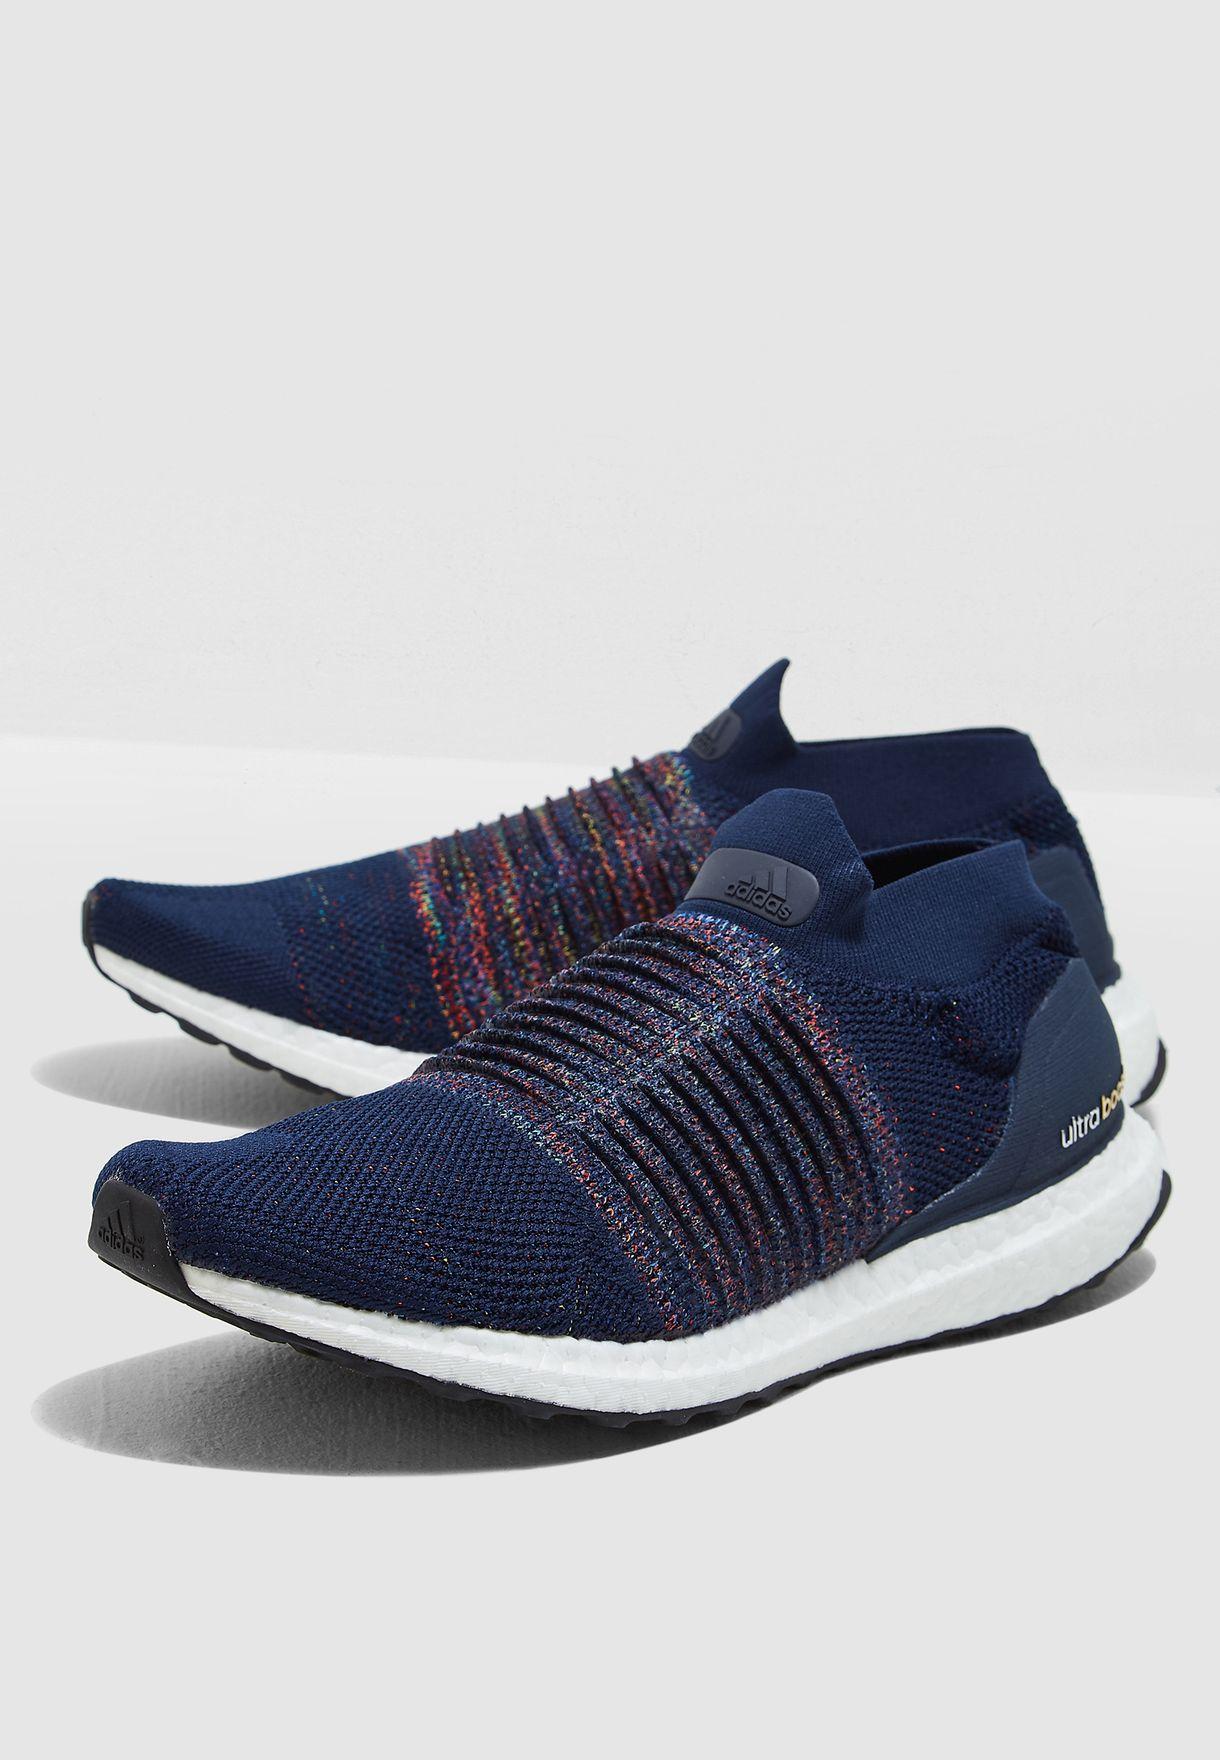 9dbdad9276891 تسوق حذاء الترا بوست بدون اربطة ماركة اديداس لون كحلي CM8269 في ...